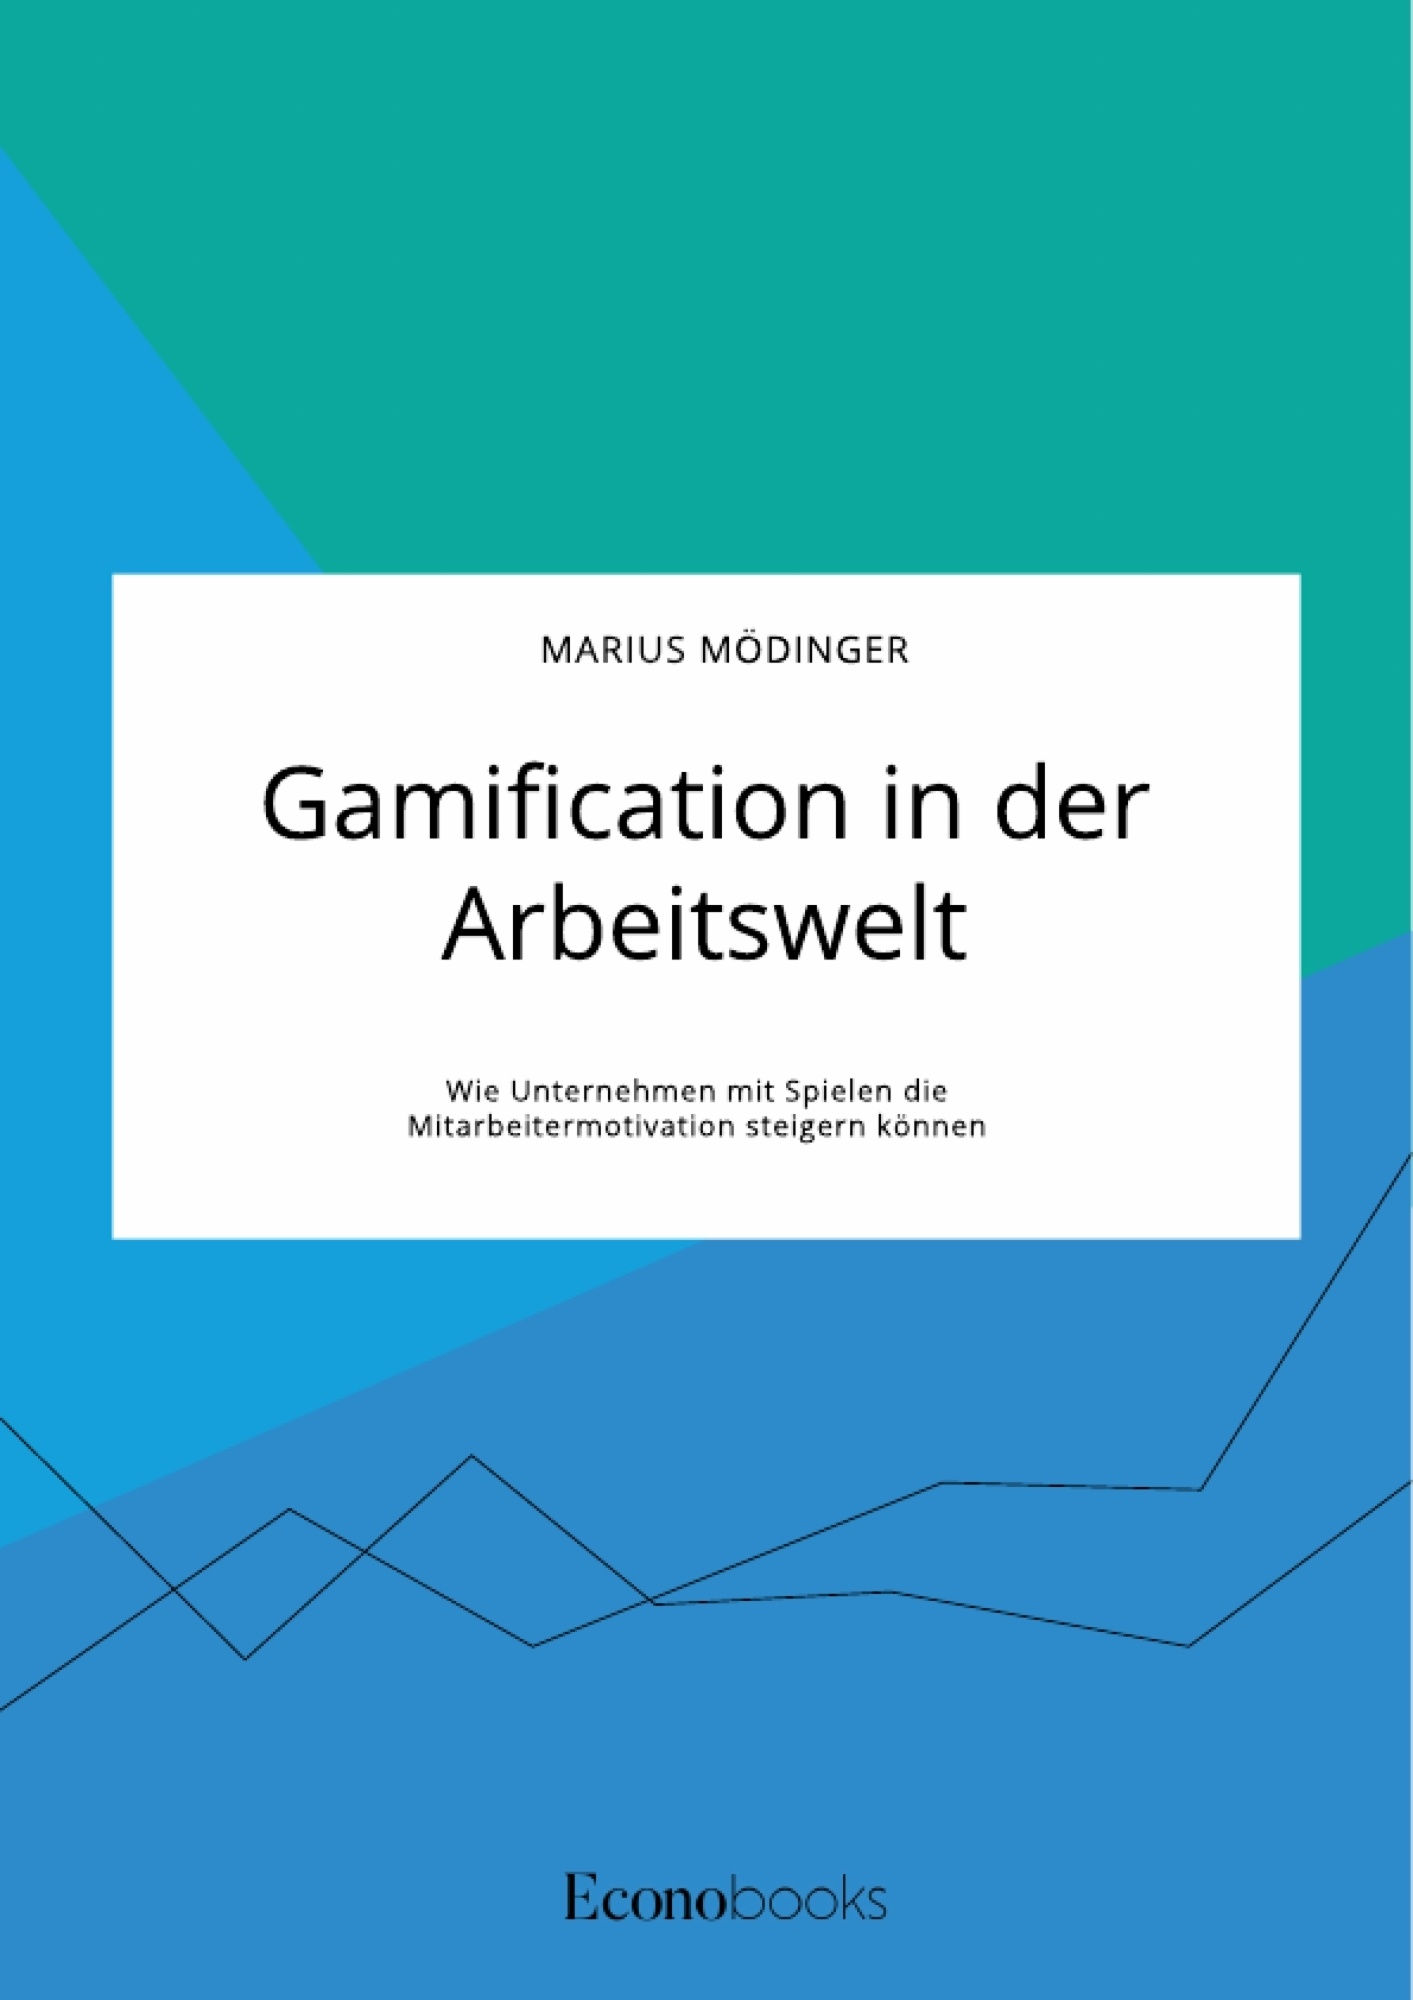 Titel: Gamification in der Arbeitswelt. Wie Unternehmen mit Spielen die Mitarbeitermotivation steigern können